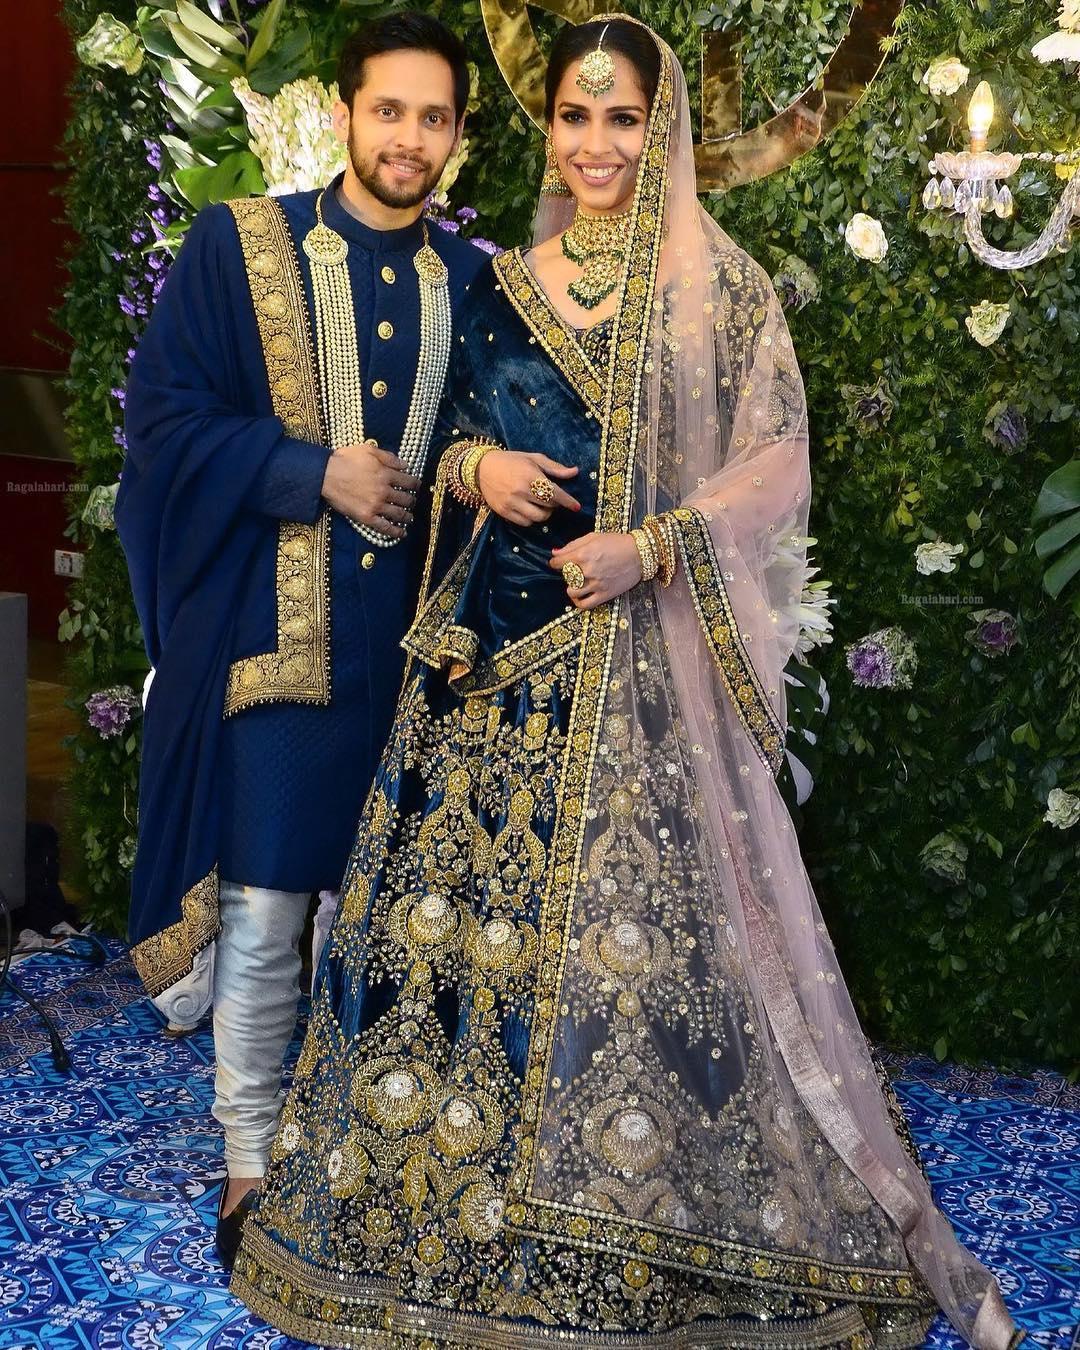 साईना आणि कश्यप यांनी स्वतःच त्यांच्या लग्नाची गोष्ट एका मुलाखतीत सांगितली. त्याचा व्हिडिओ सायनानं स्वतःच सोशल मीडियावर टाकलाय.